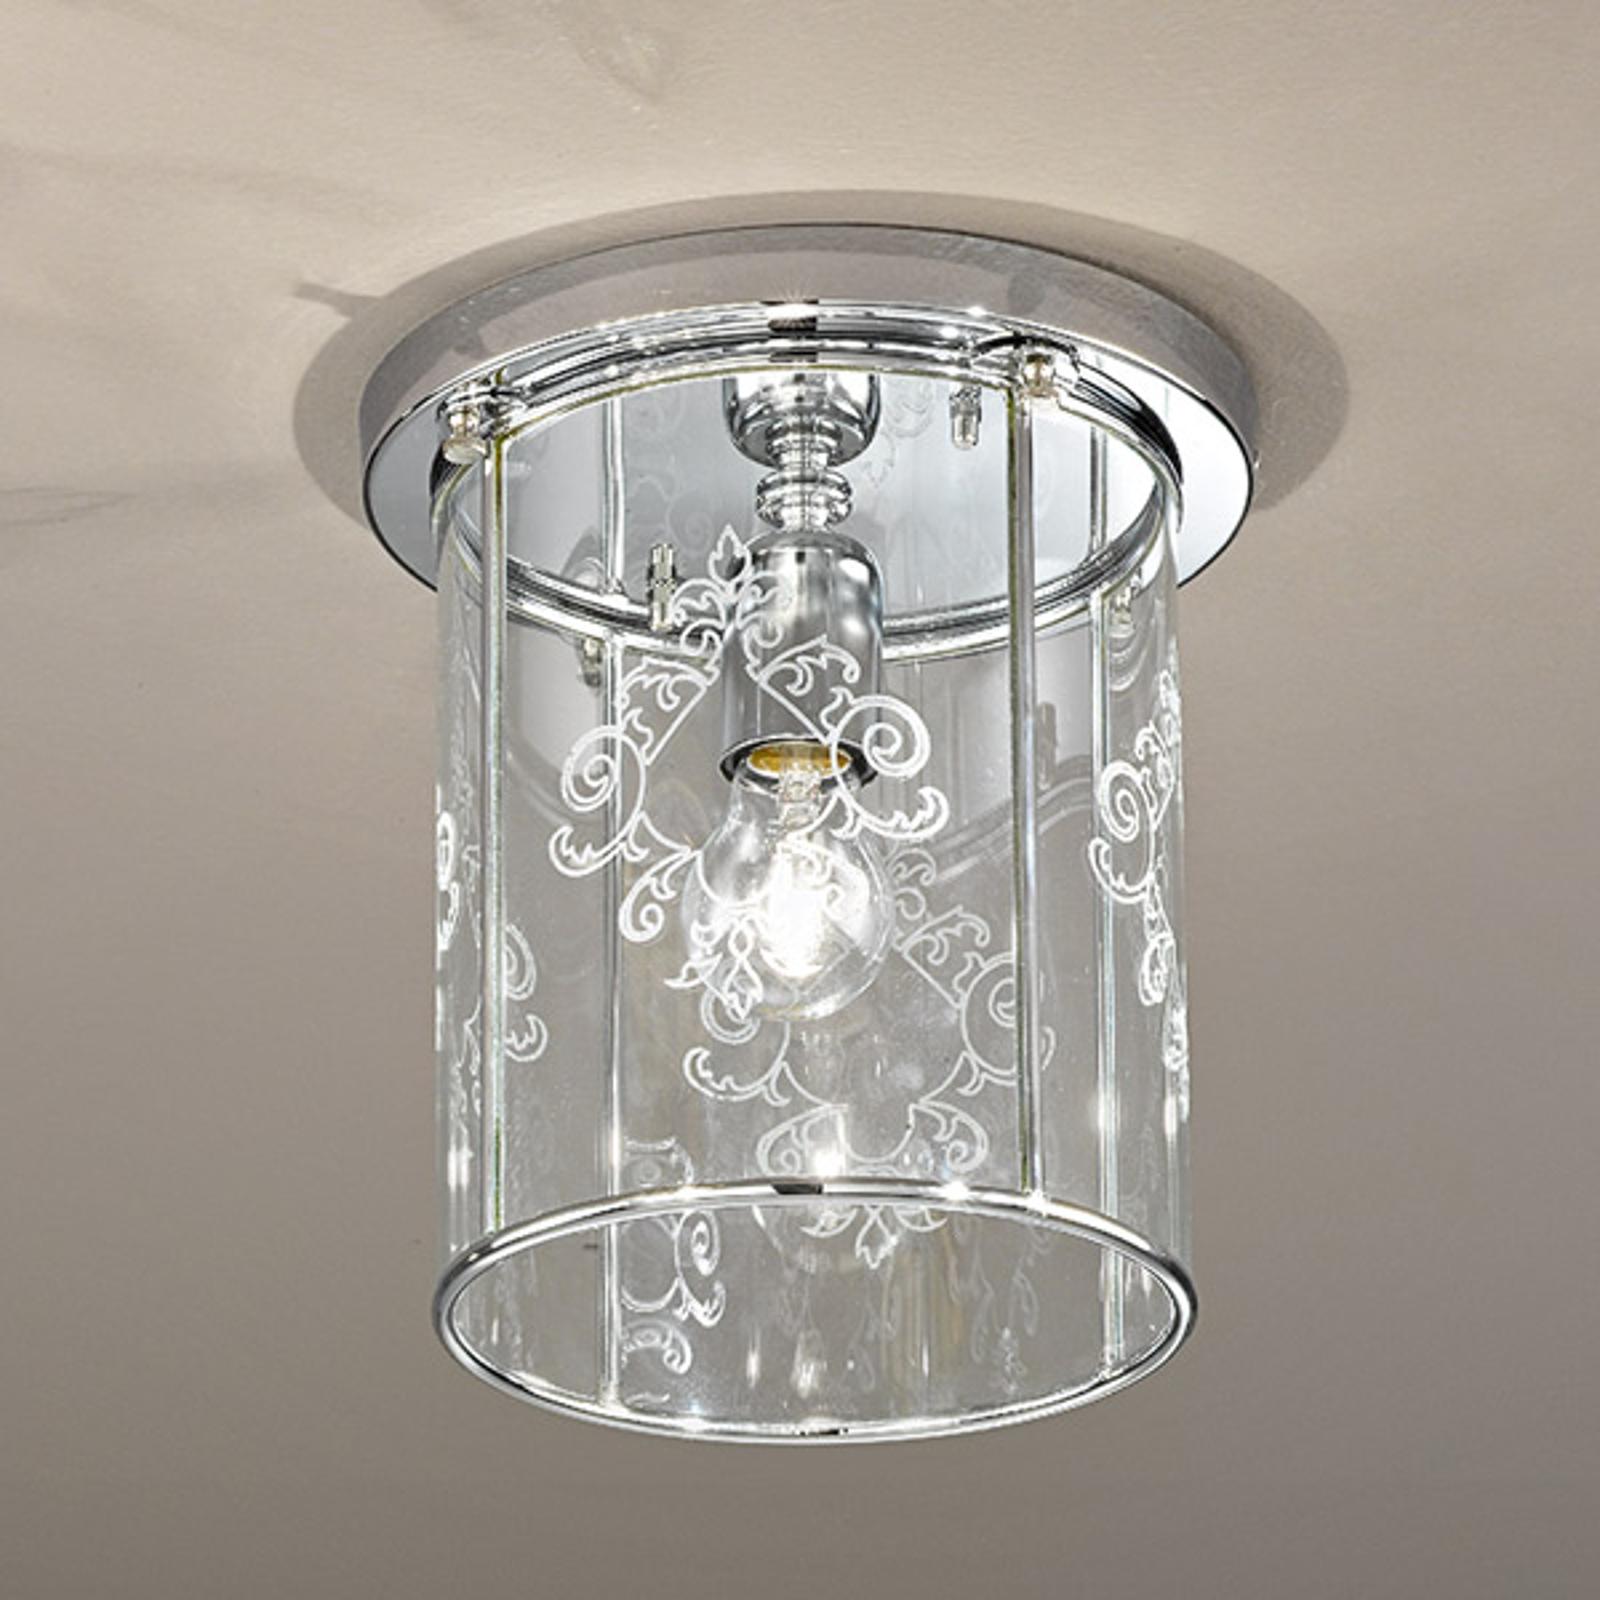 Greta loftslampe med dekoreret krystalglas